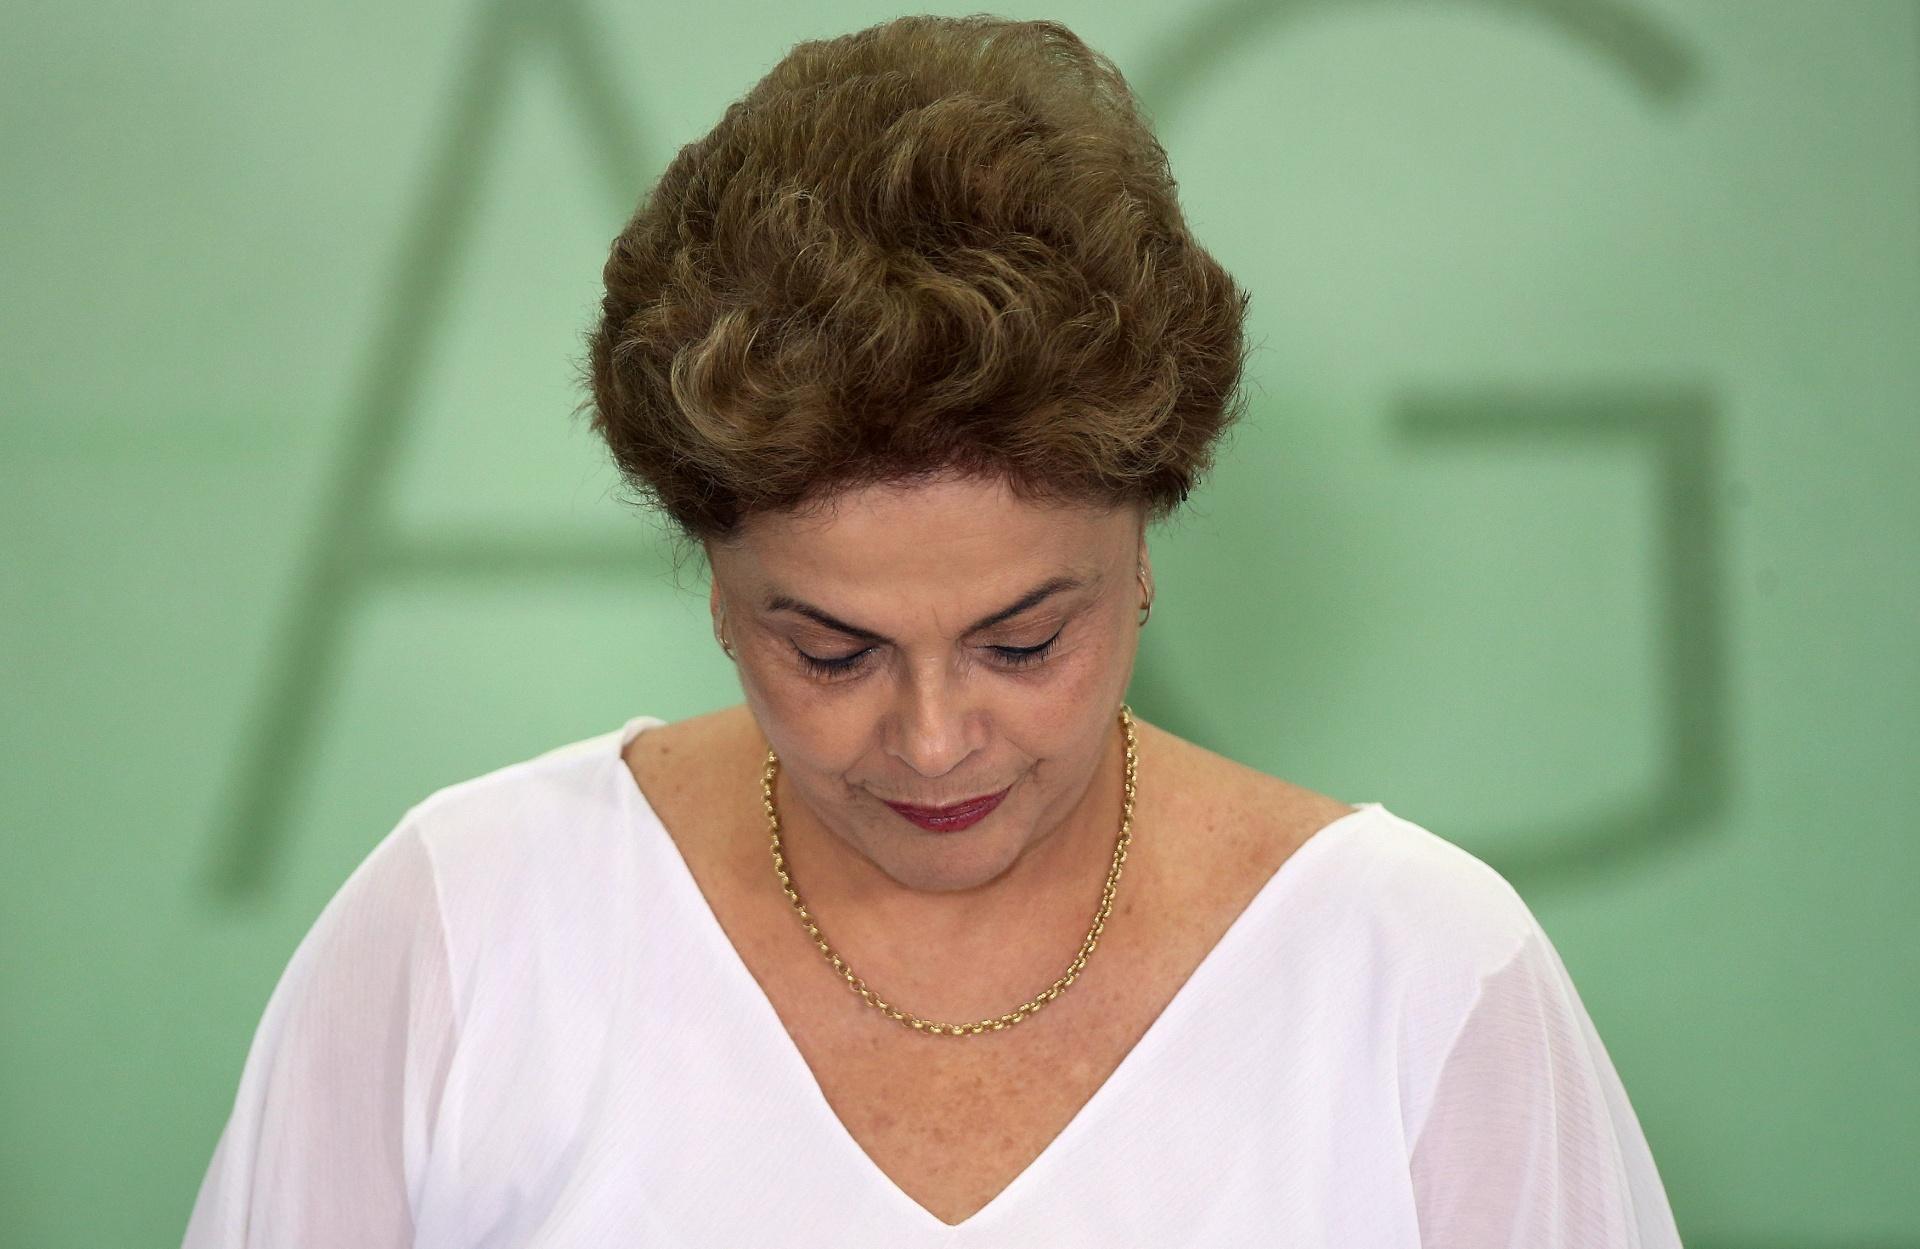 1º abr.2016 - A presidente do Brasil Dilma Rousseff roi durante cerimônia de assinatura de acordos de reforma agrária, no Palácio do Planalto, em Brasília (DF). Dilma enfrenta processo de impeachment no Congresso sobre as alegações de que ela violou as leis fiscais